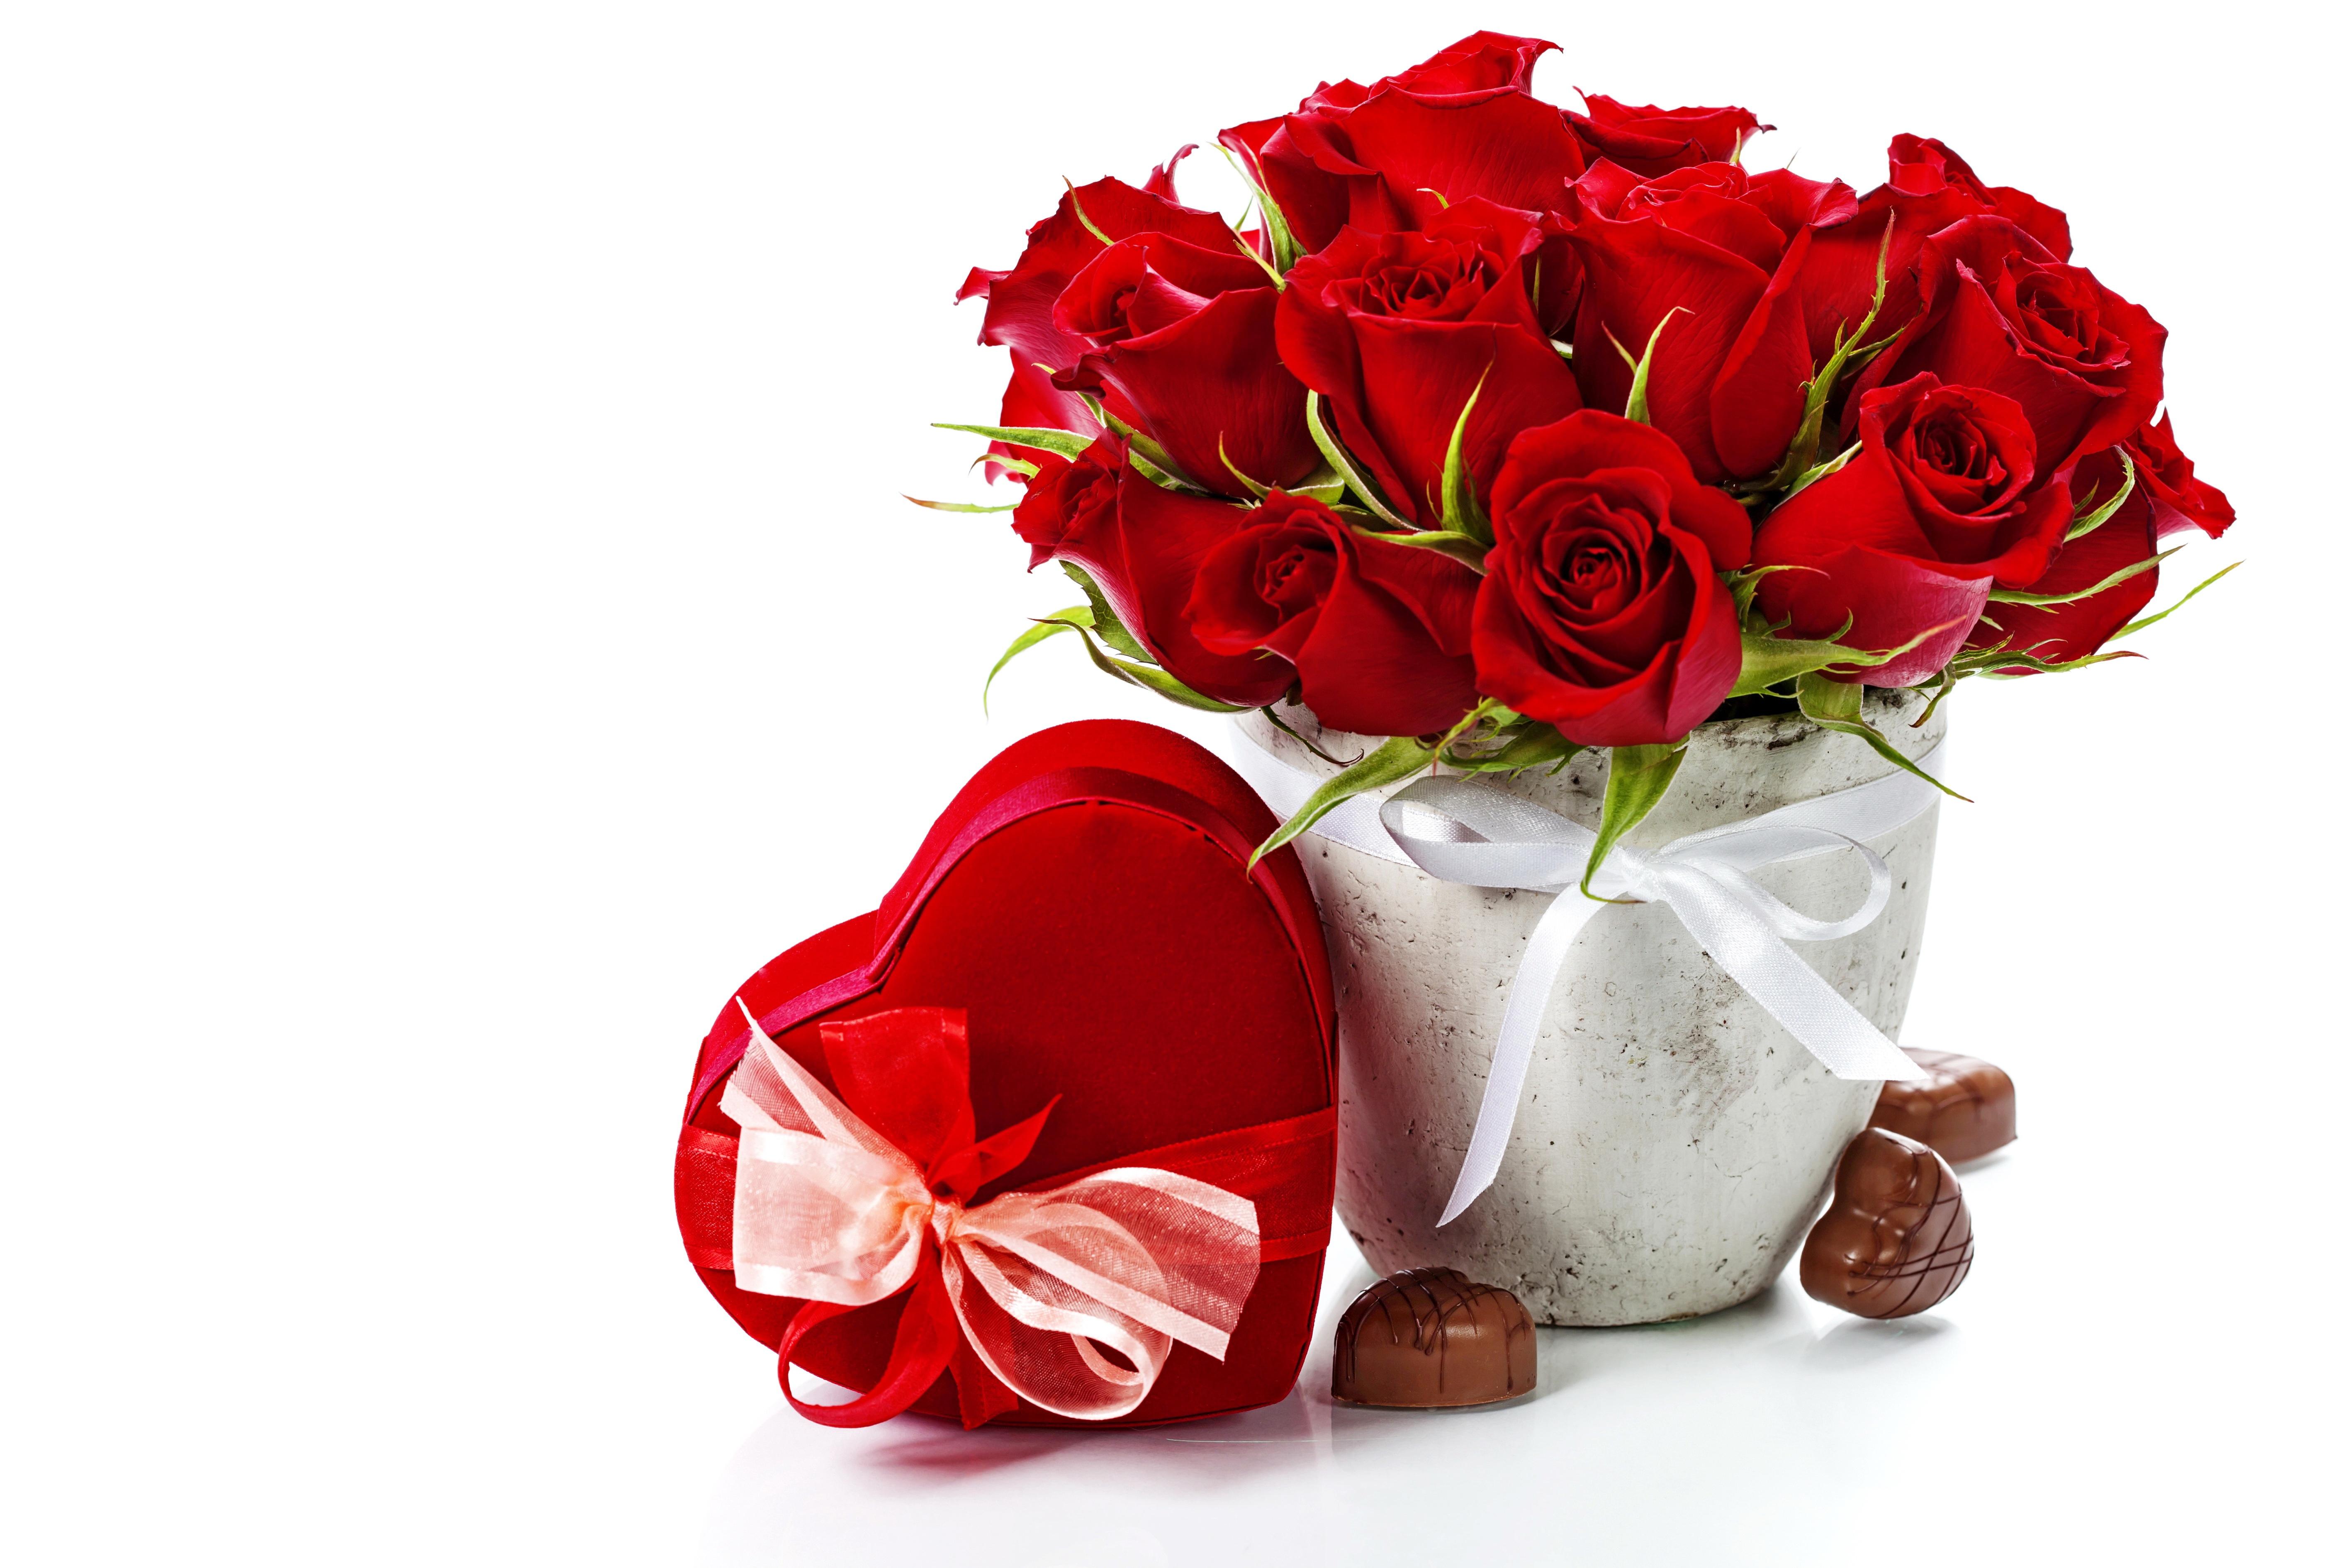 Цветы картинки для любимой девушки с надписями, настроение